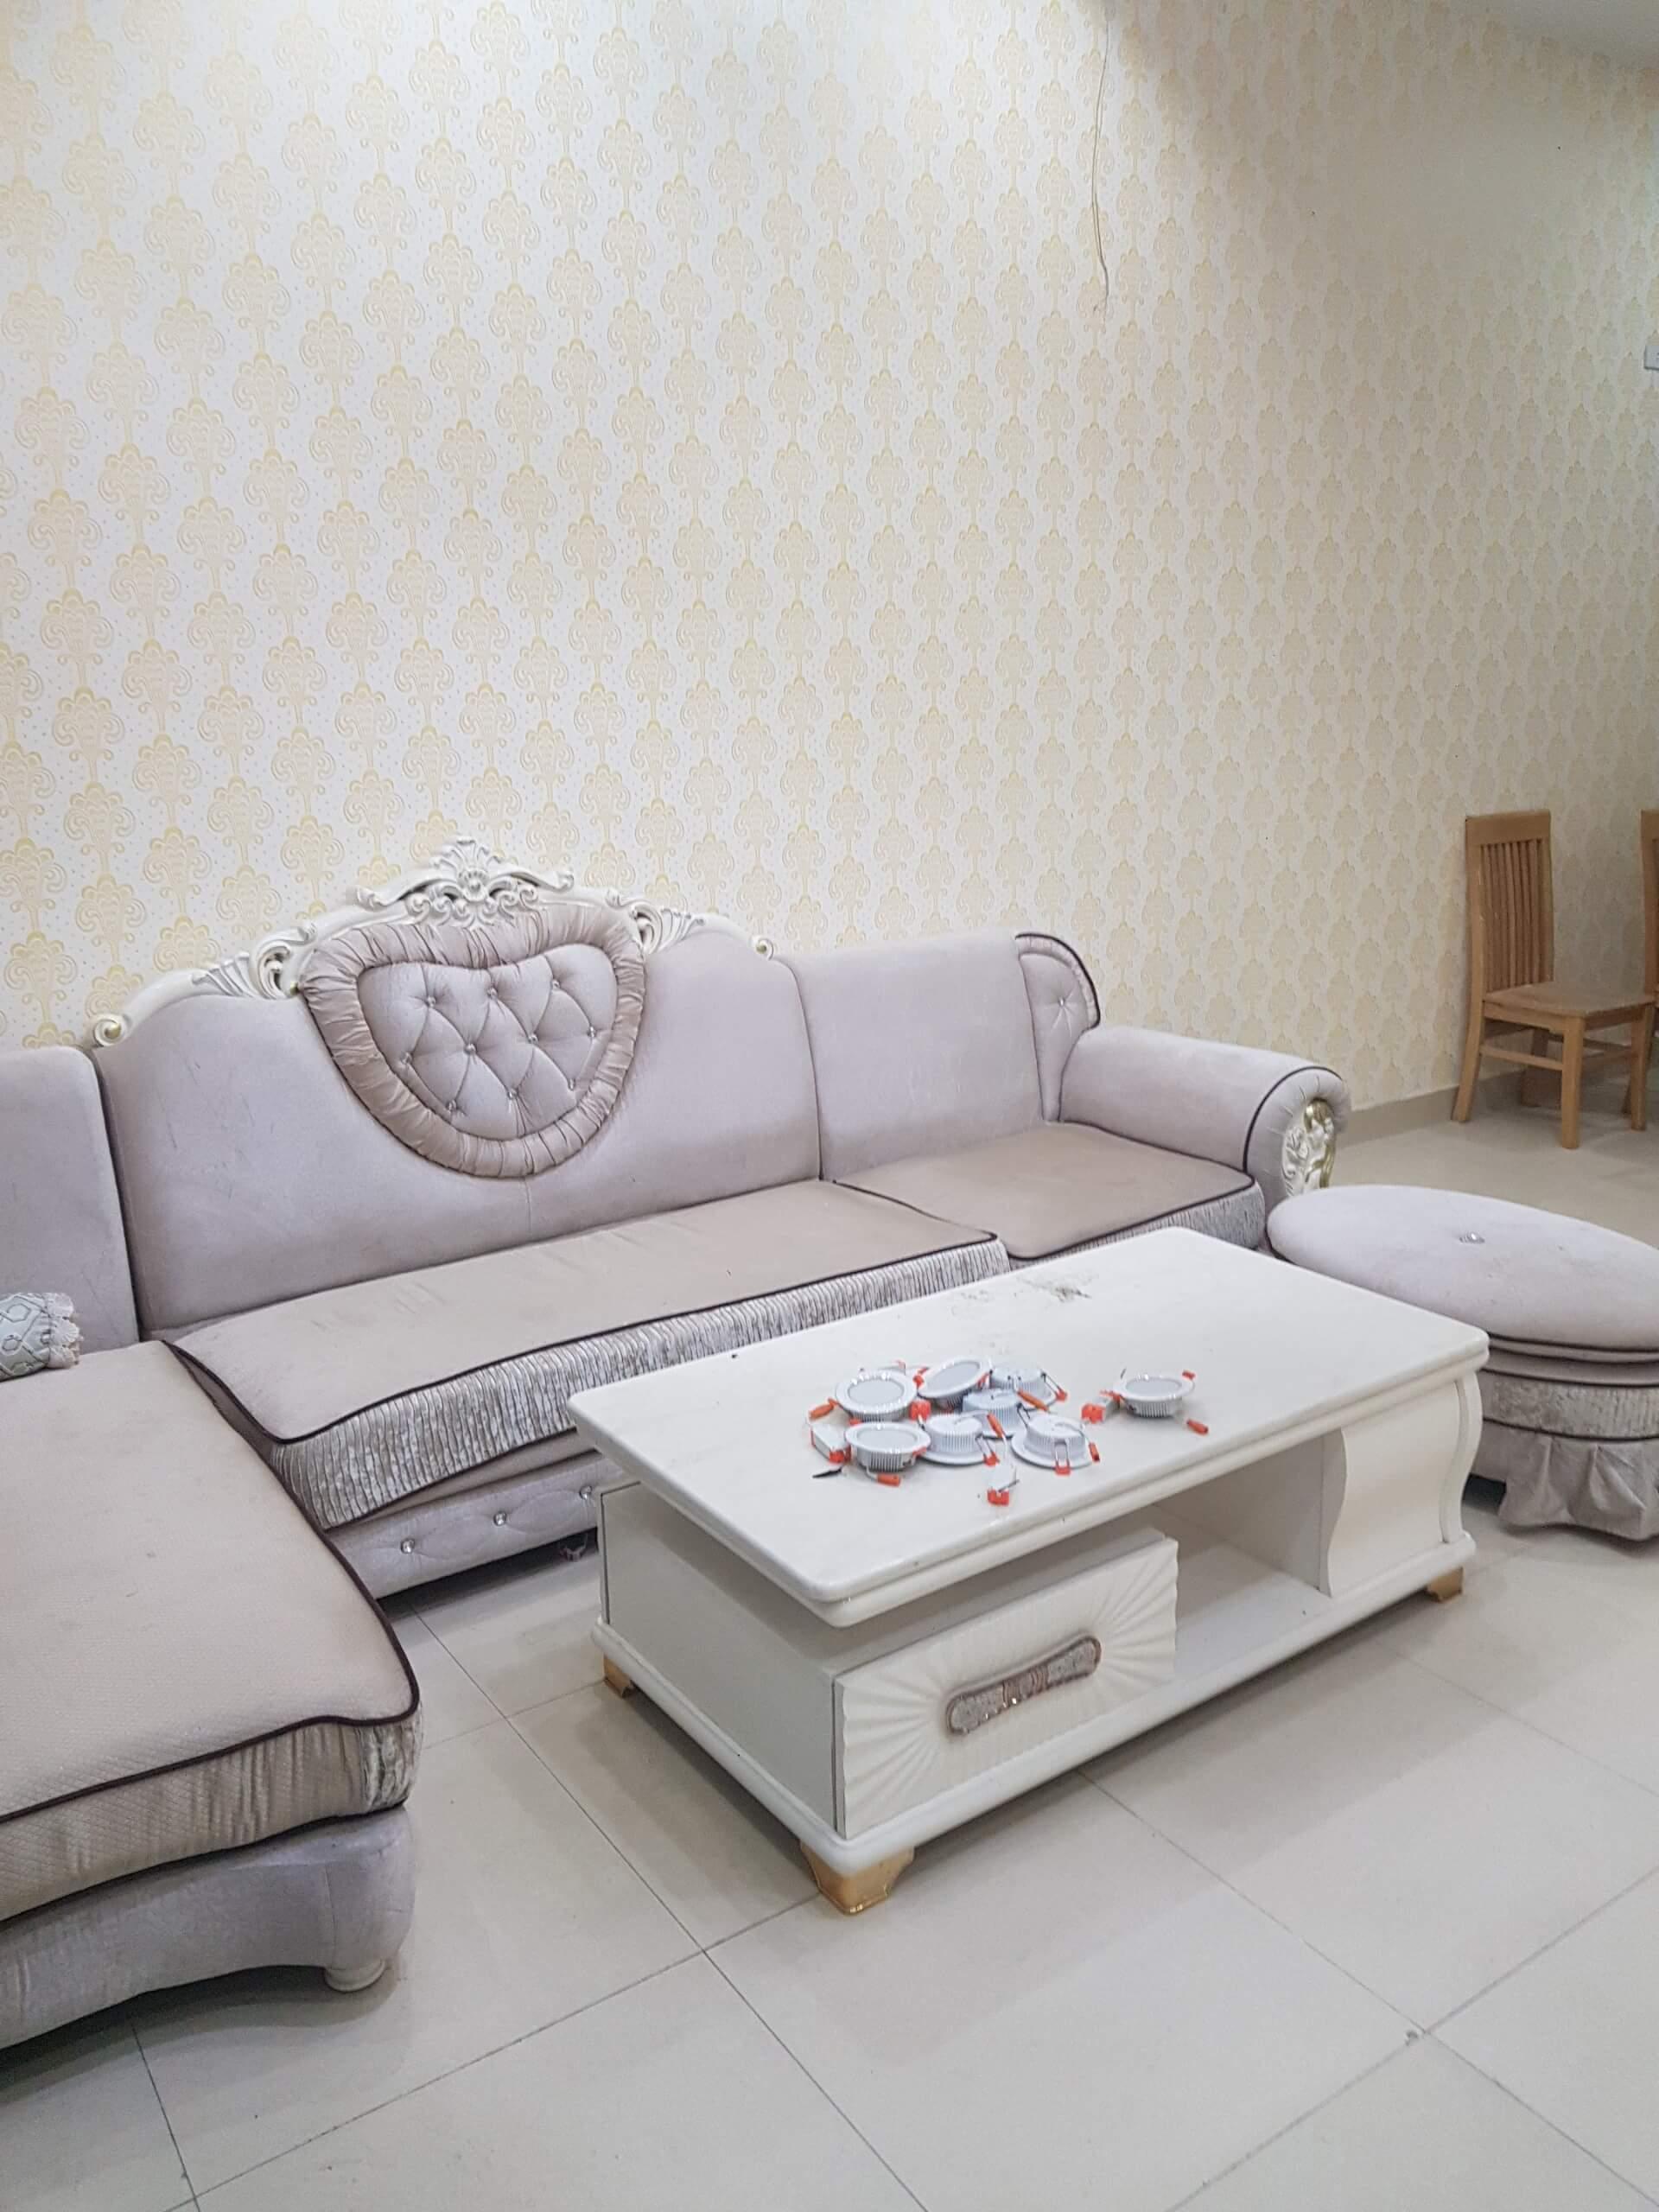 phòng khách nhà đường k20 - Ngũ Hành Sơn - Đà Nẵng